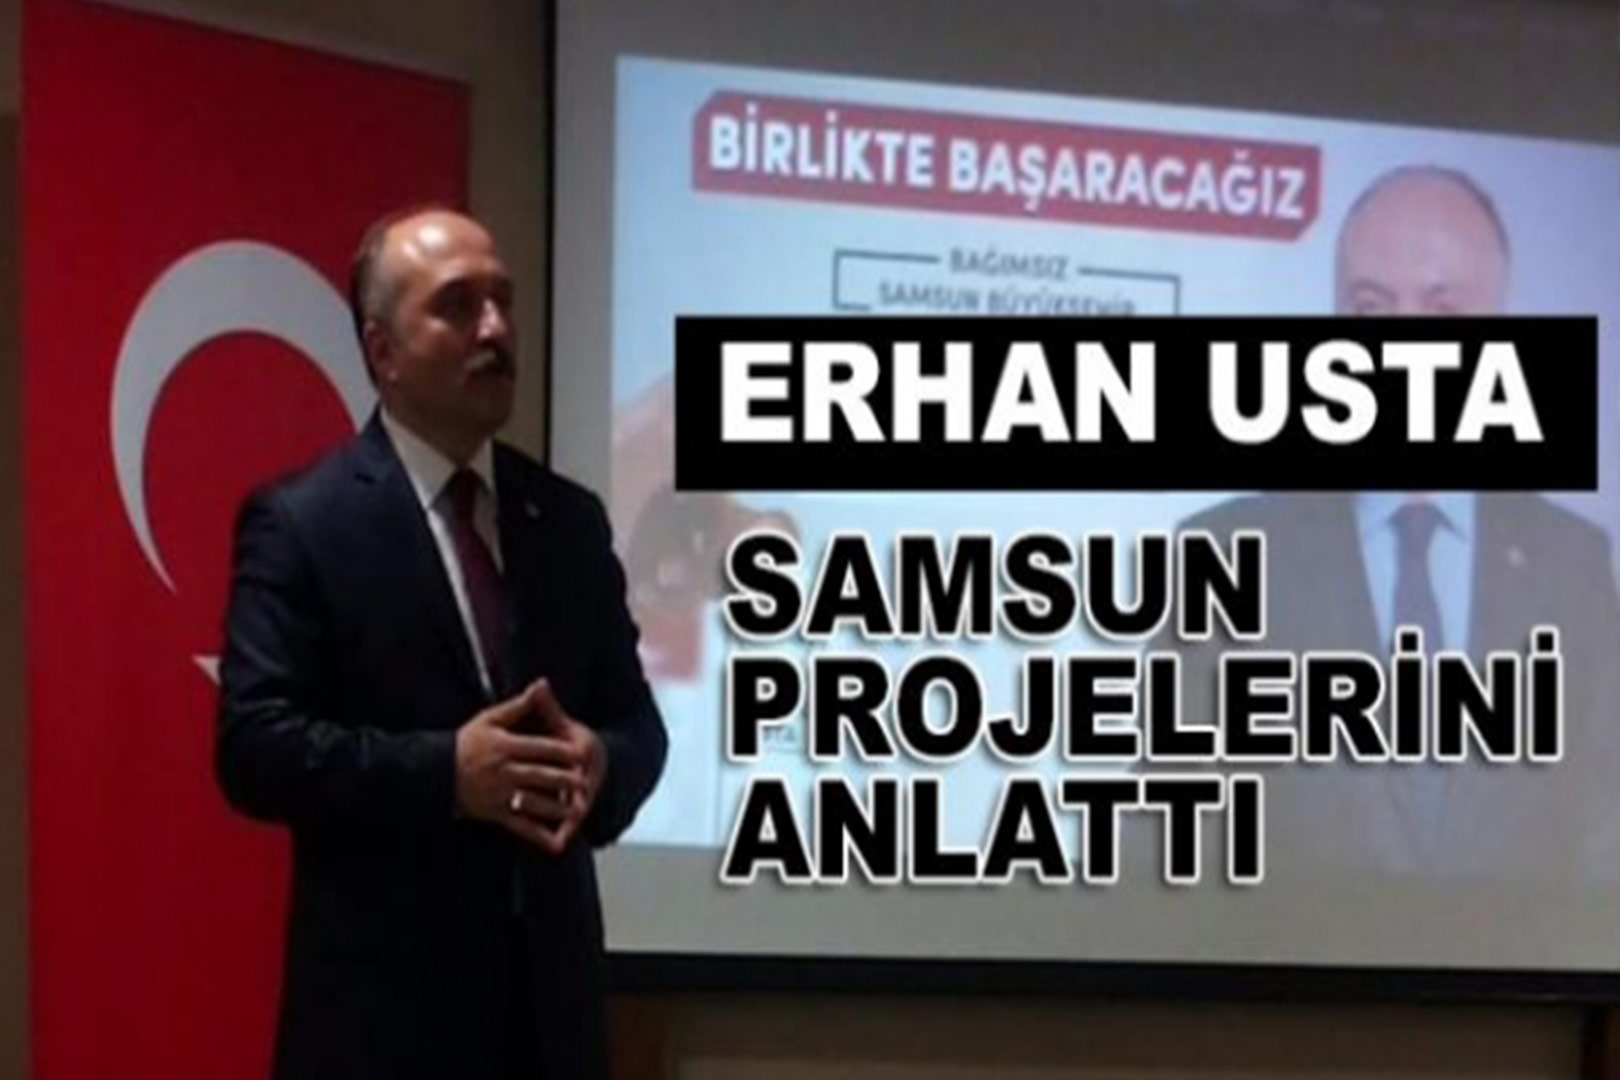 Samsun BB Başkan Adayı Erhan Usta'nın Proje Tanıtım Konuşması